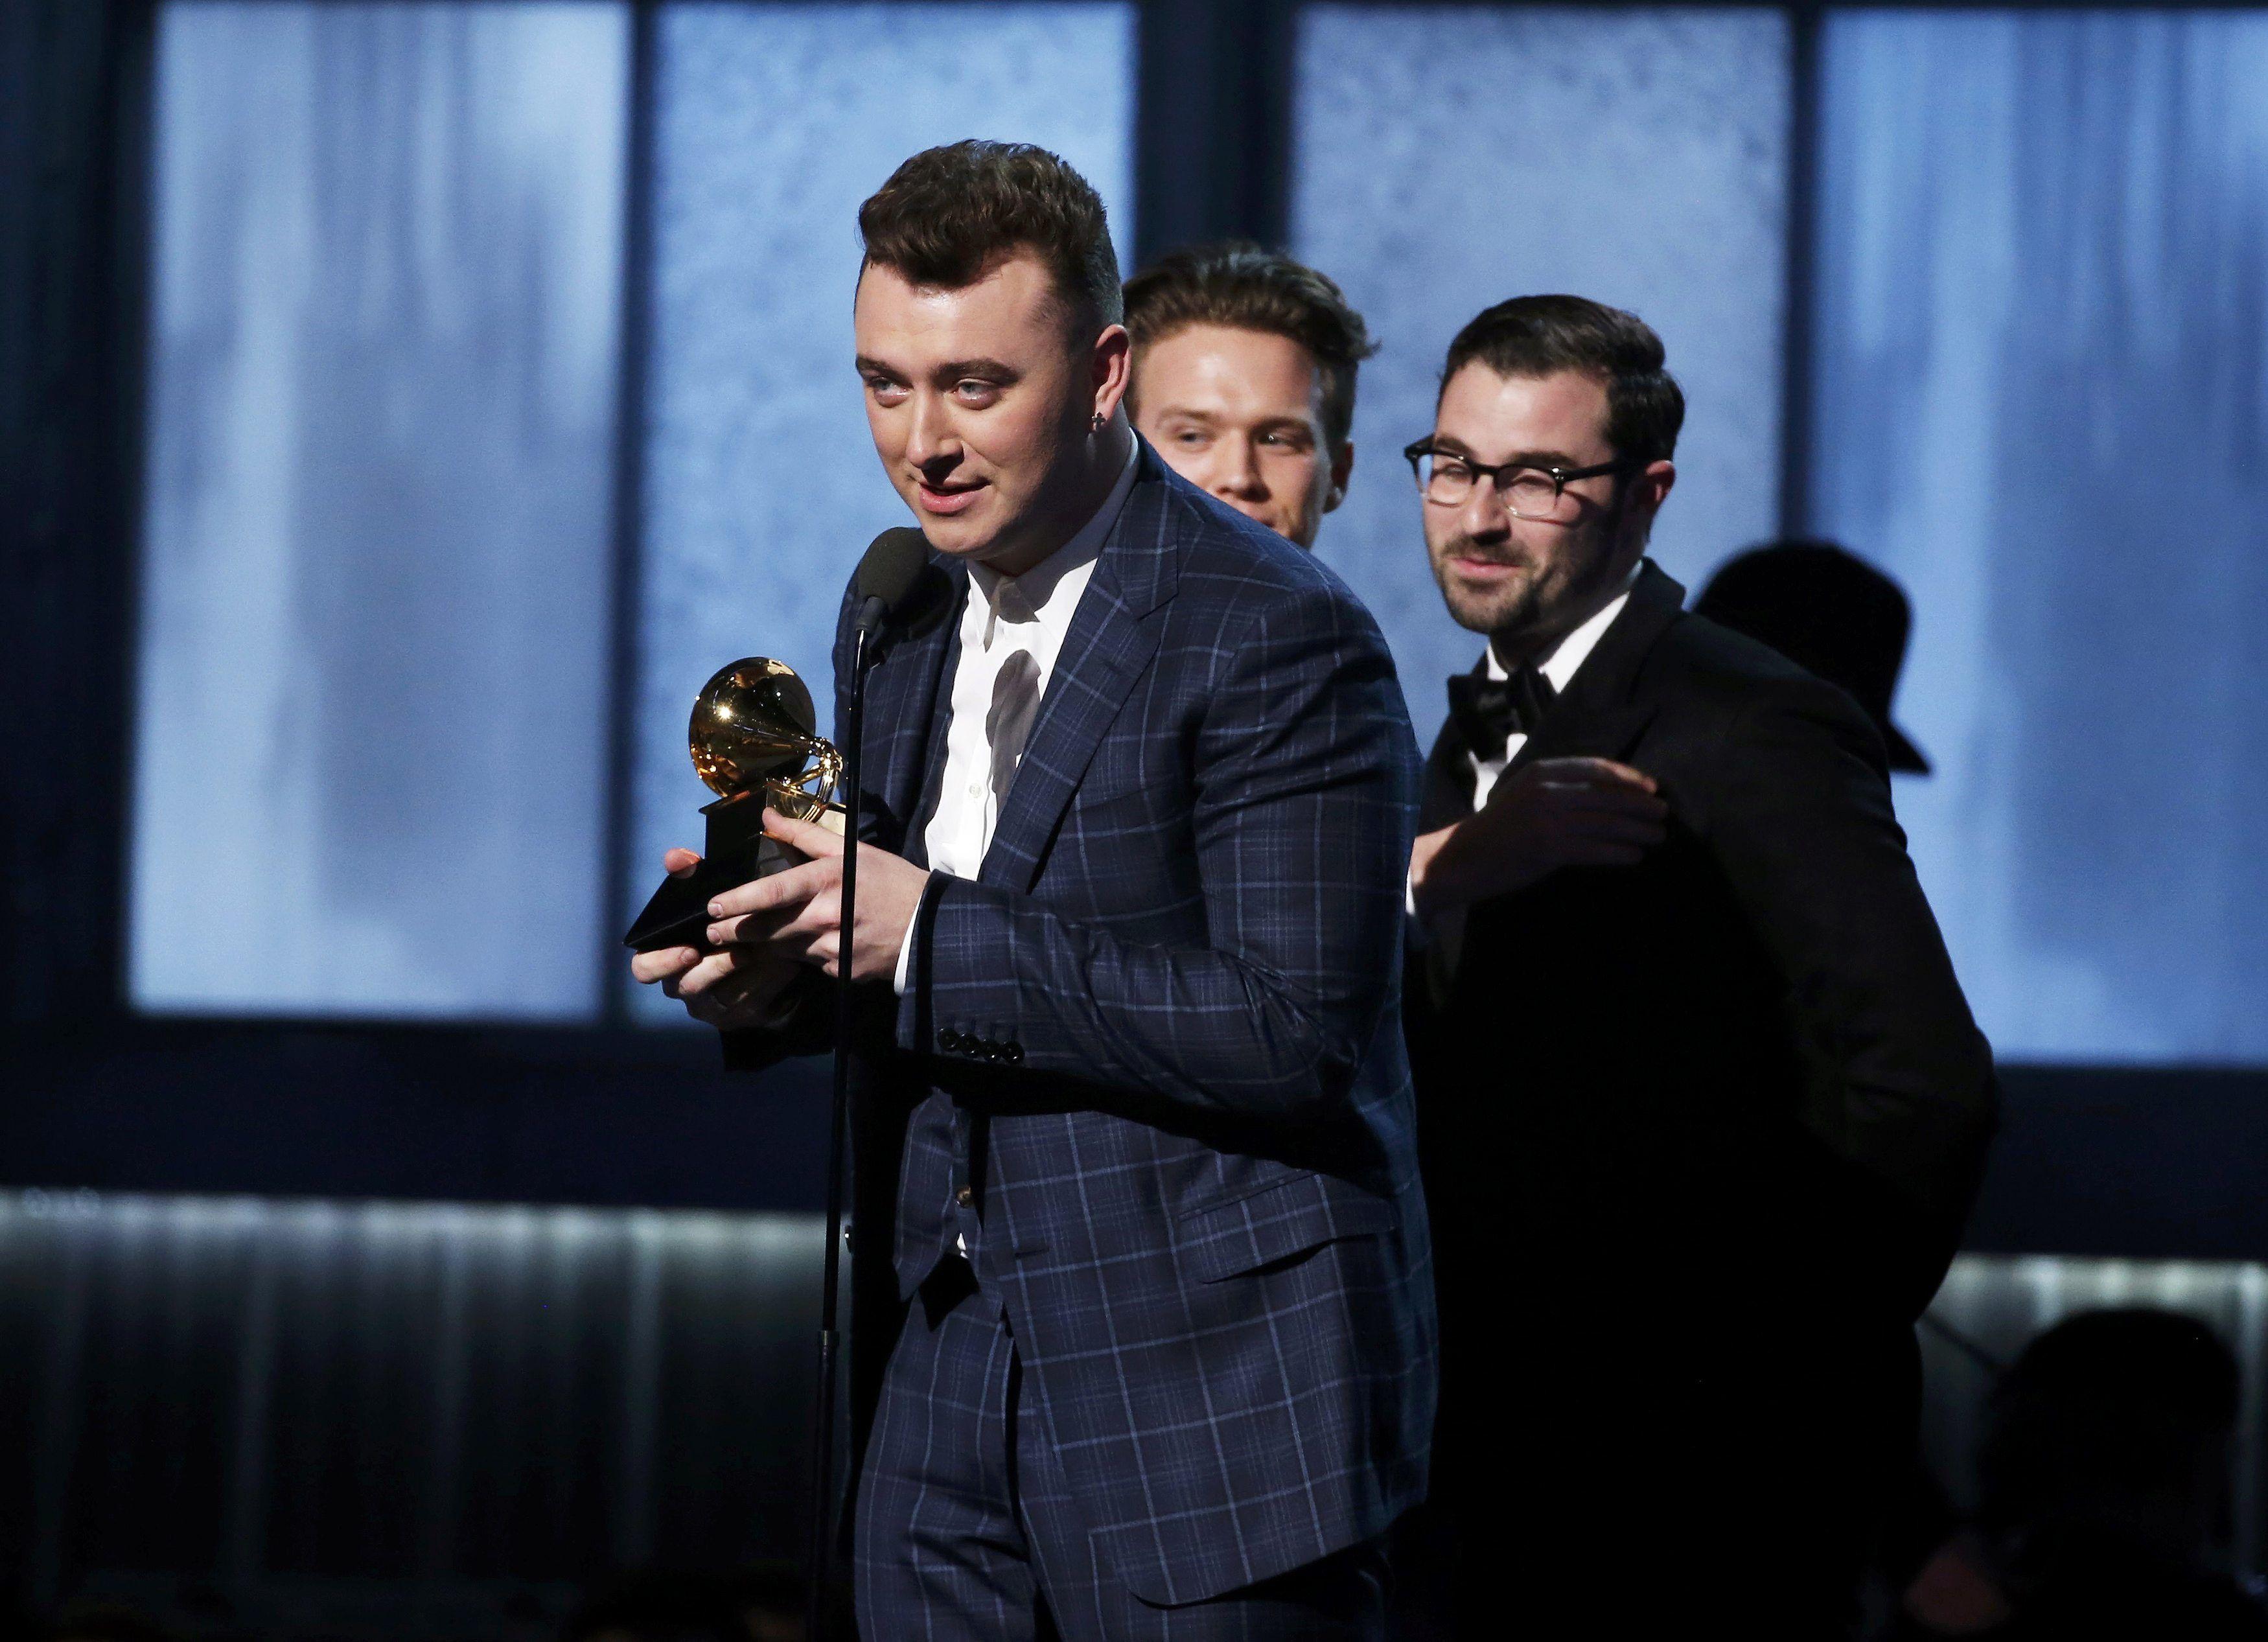 Триумфатор Grammy-2015 Сэм Смит: я не ненавижу Россию - никогда туда не приеду